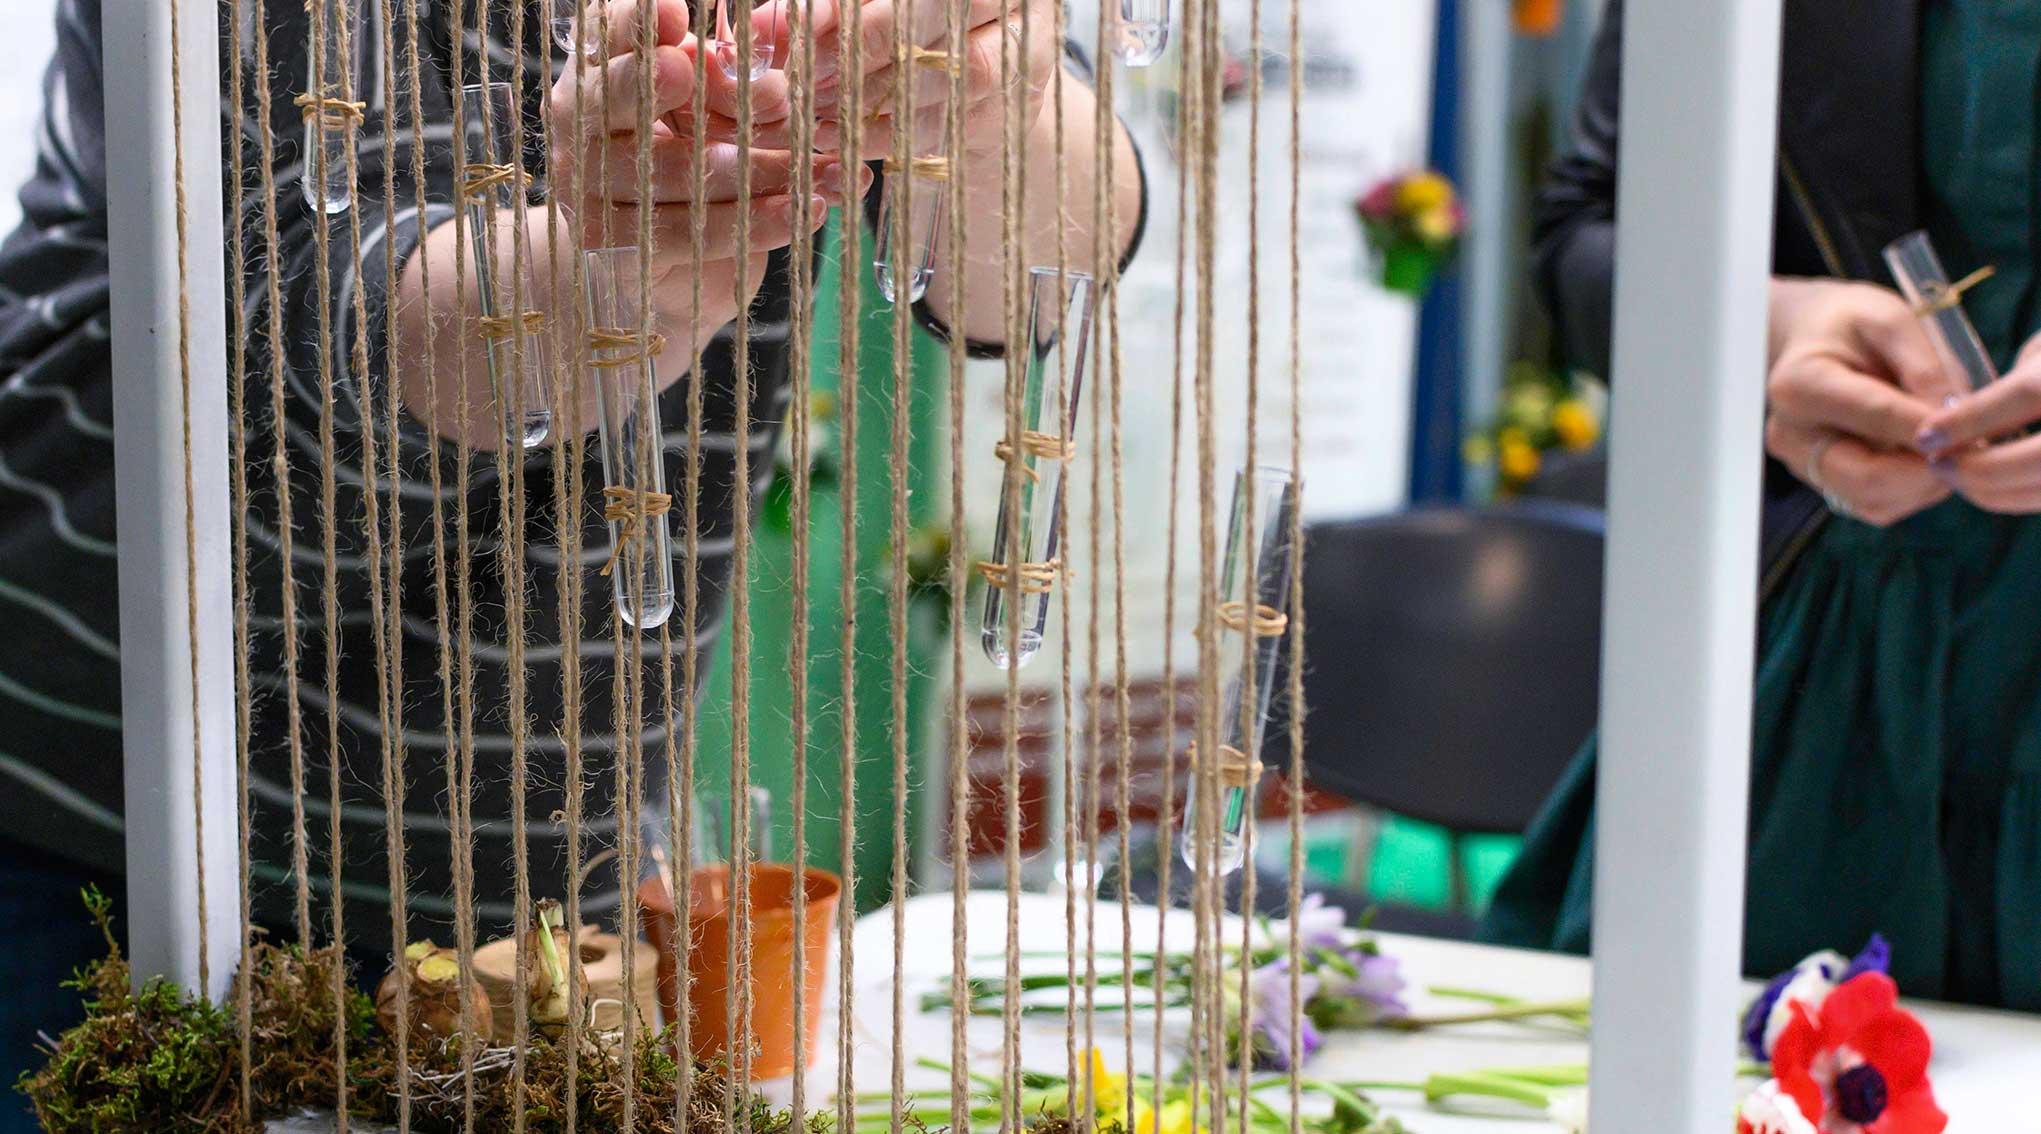 workshop-uri-demonstratii-si-conferinte-marca-atelierele-ilbah-pe-parcursul-a-4-zile-in-cadrul-romexpo-66